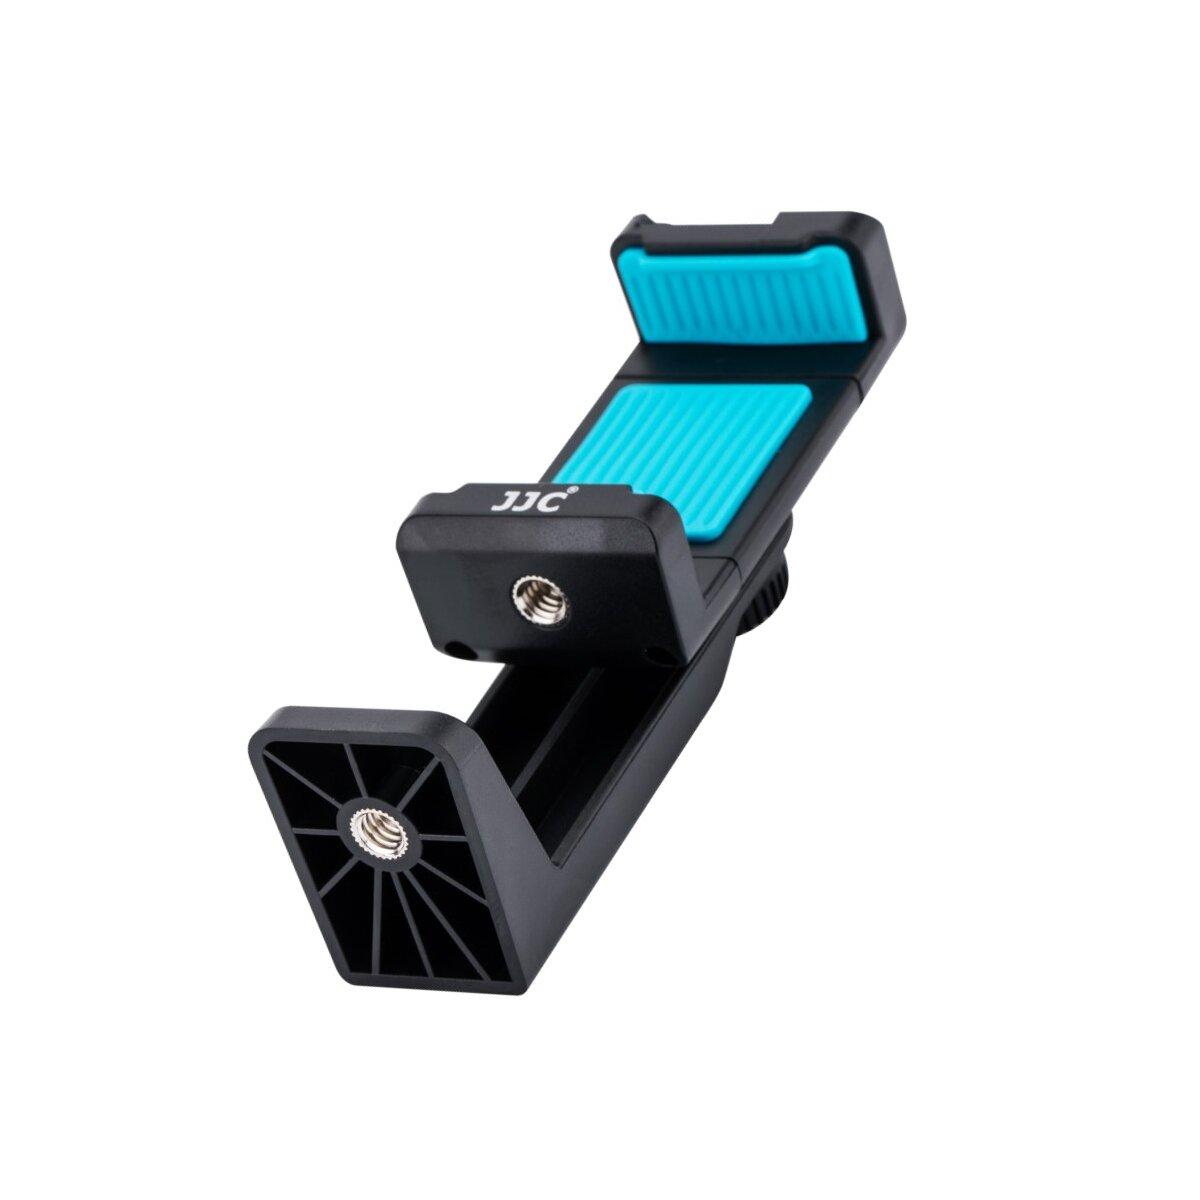 Impulsfoto JJC Smartphone-Ständer | Kompatibel für iPhone, HUAWEI, MI, Samsung und Anderen Gängigen Smartphones | 360 Grad Drehbar | Mit Anti-Rutsch-Pads | Farbe: Blau |  Modell: SPS-1A BLUE